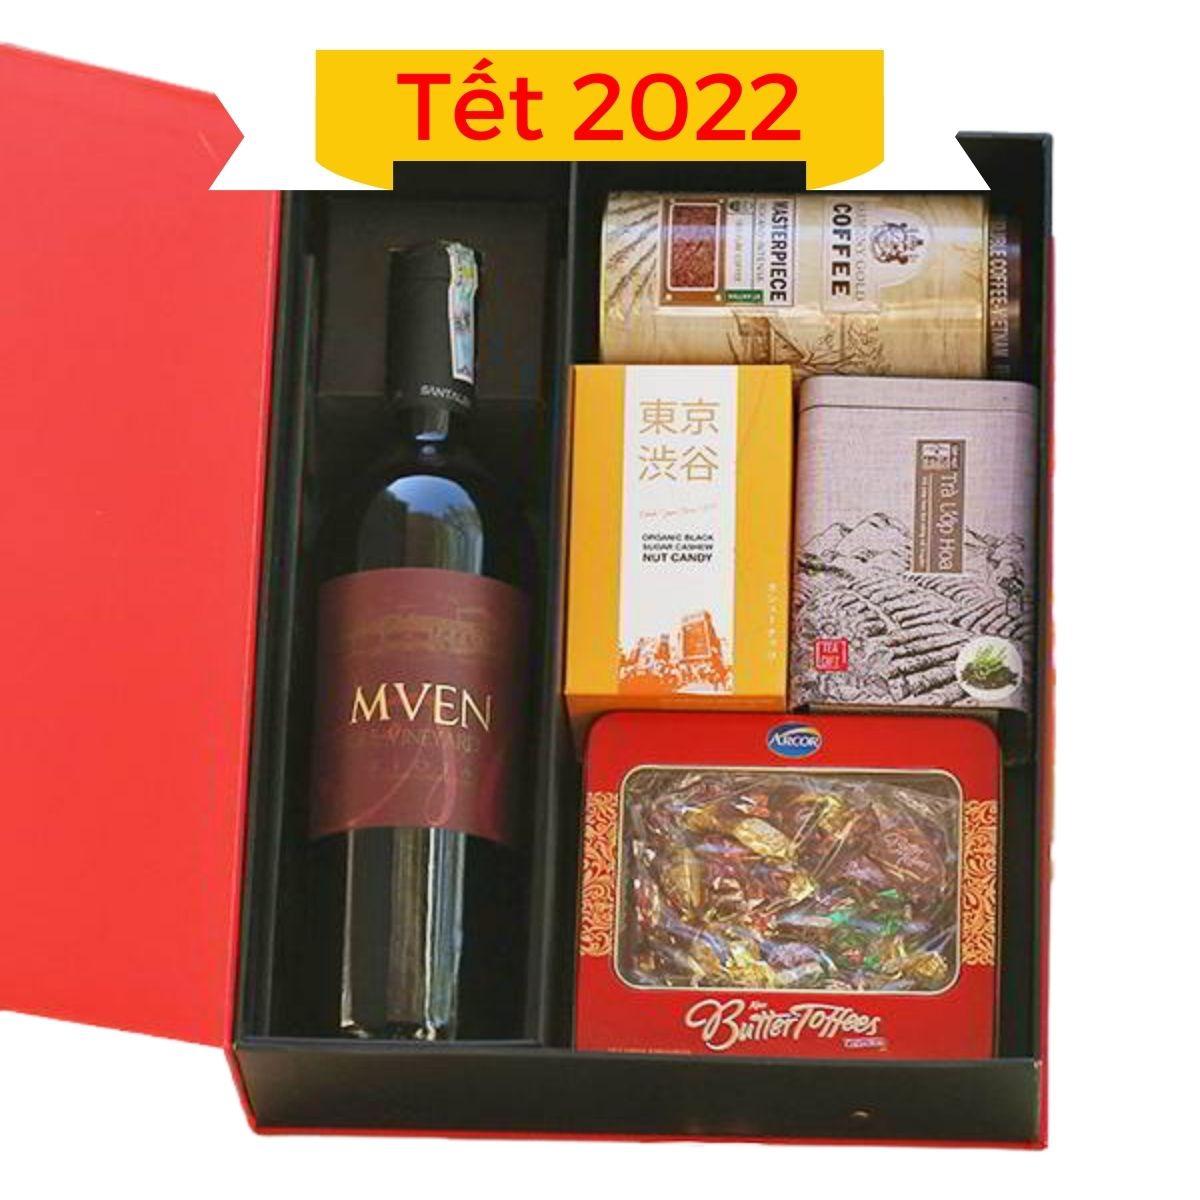 Hộp quà Tết 2022 mẫu 04